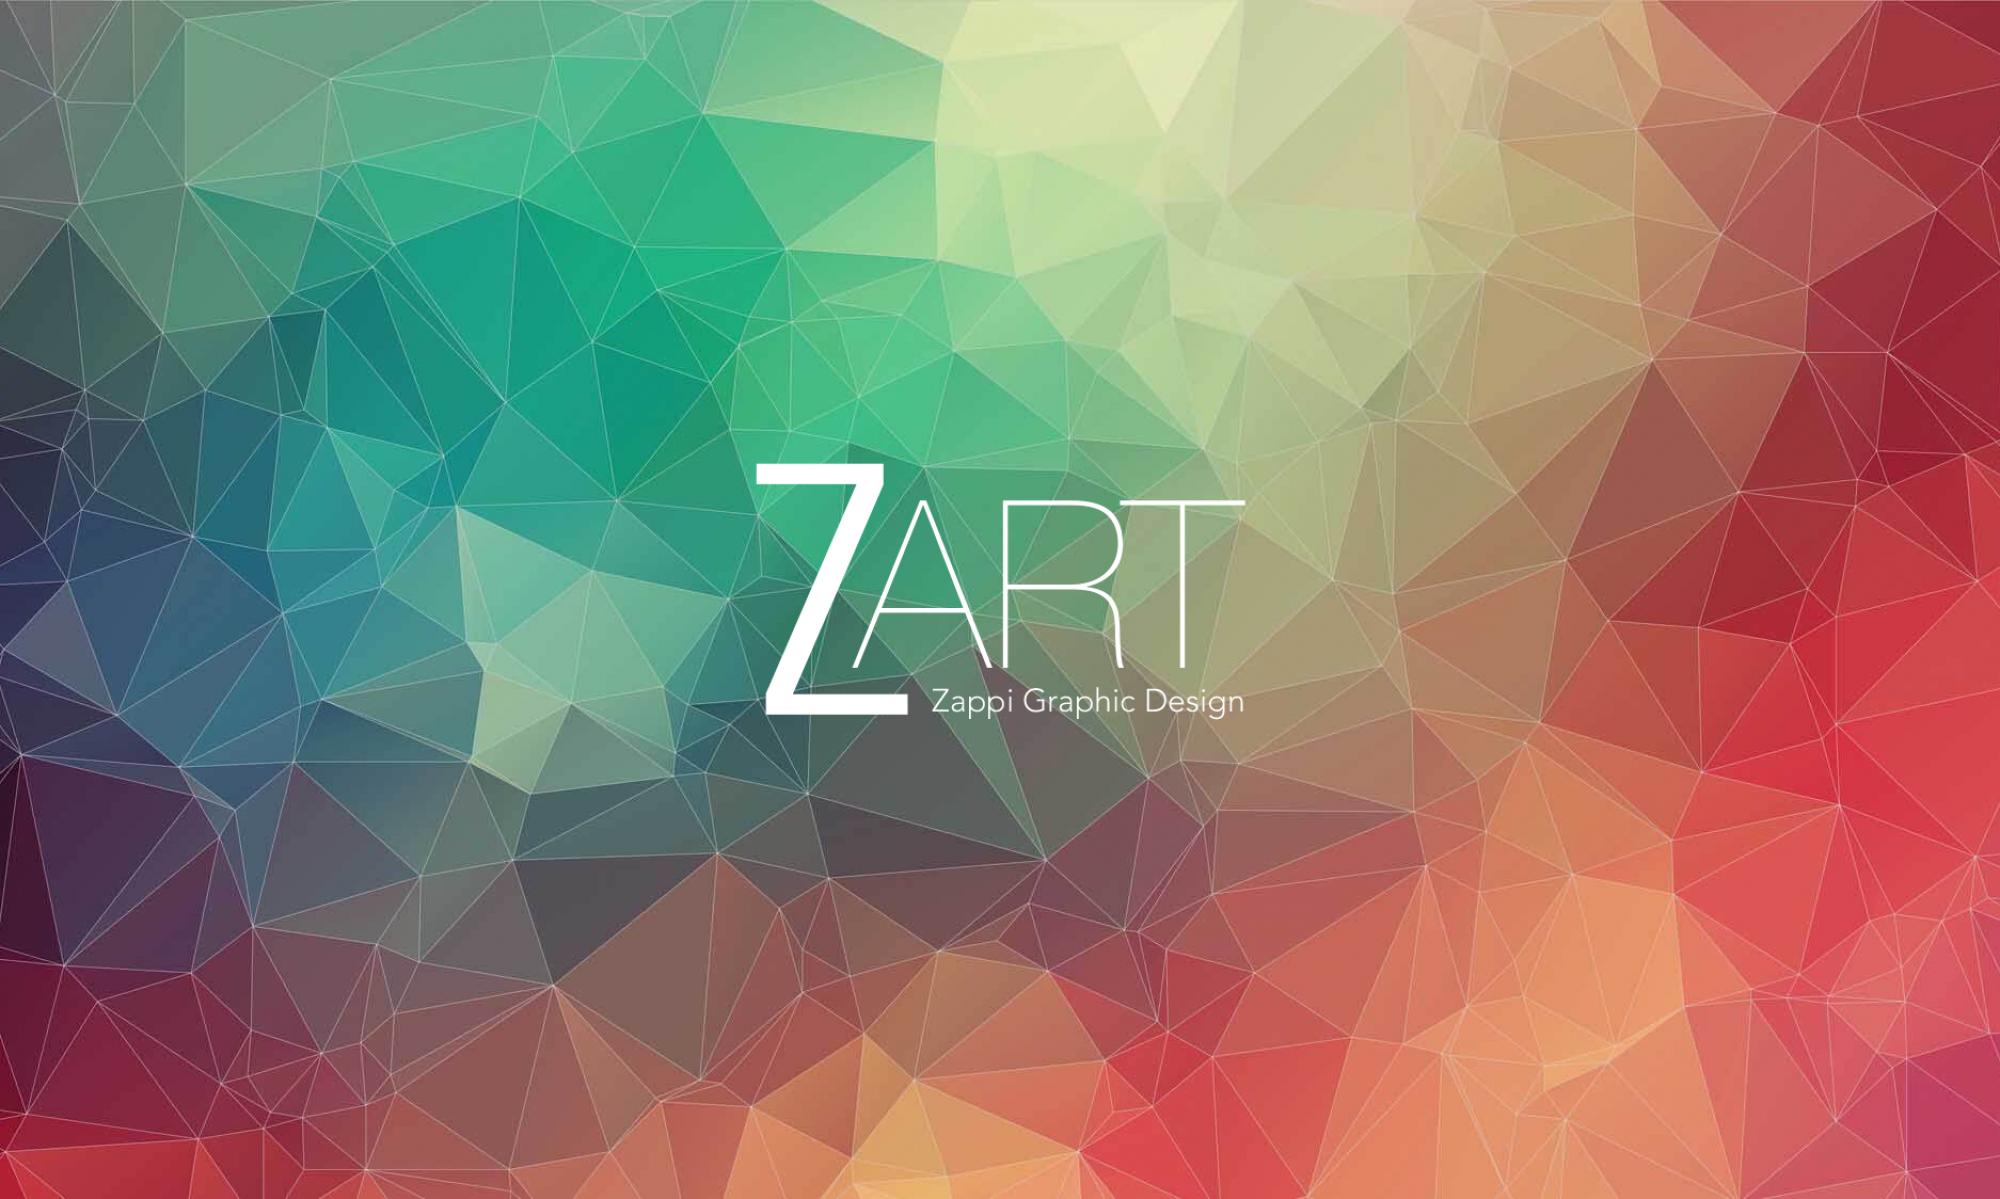 Z:Art